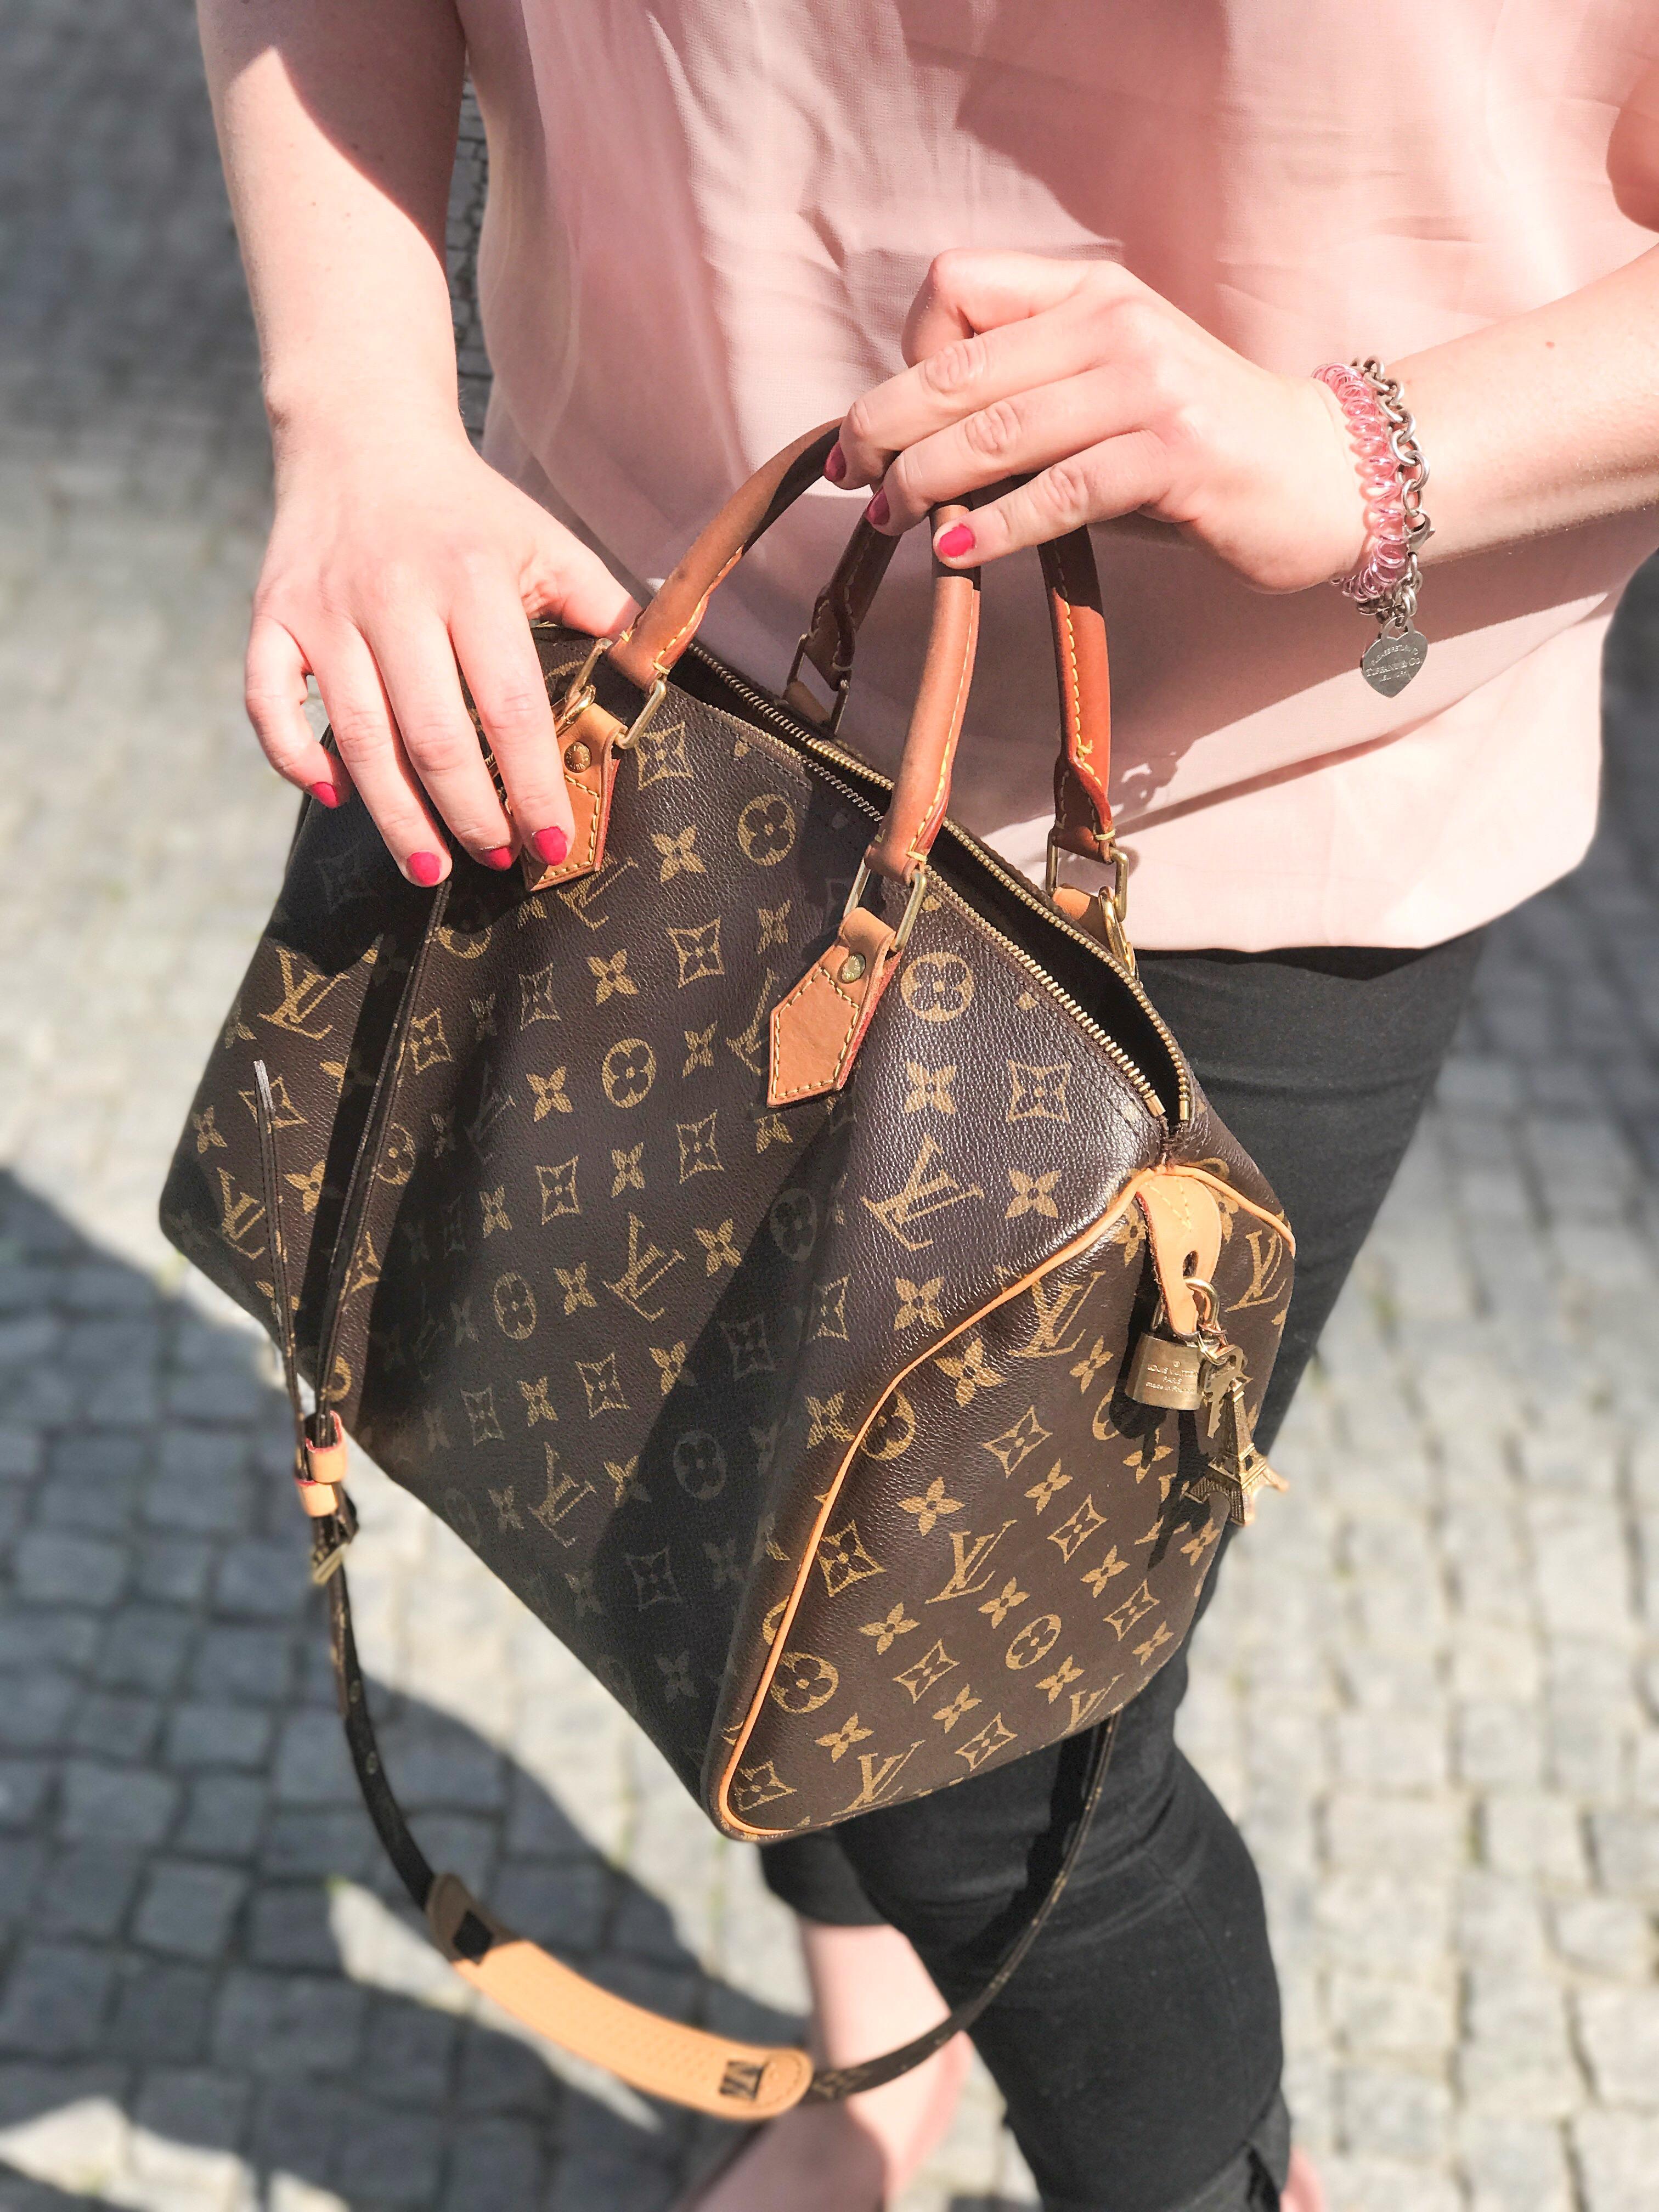 df0e7b69f8604 Sparen mit Kauf einer Luxus-Label-Handtasche von LV